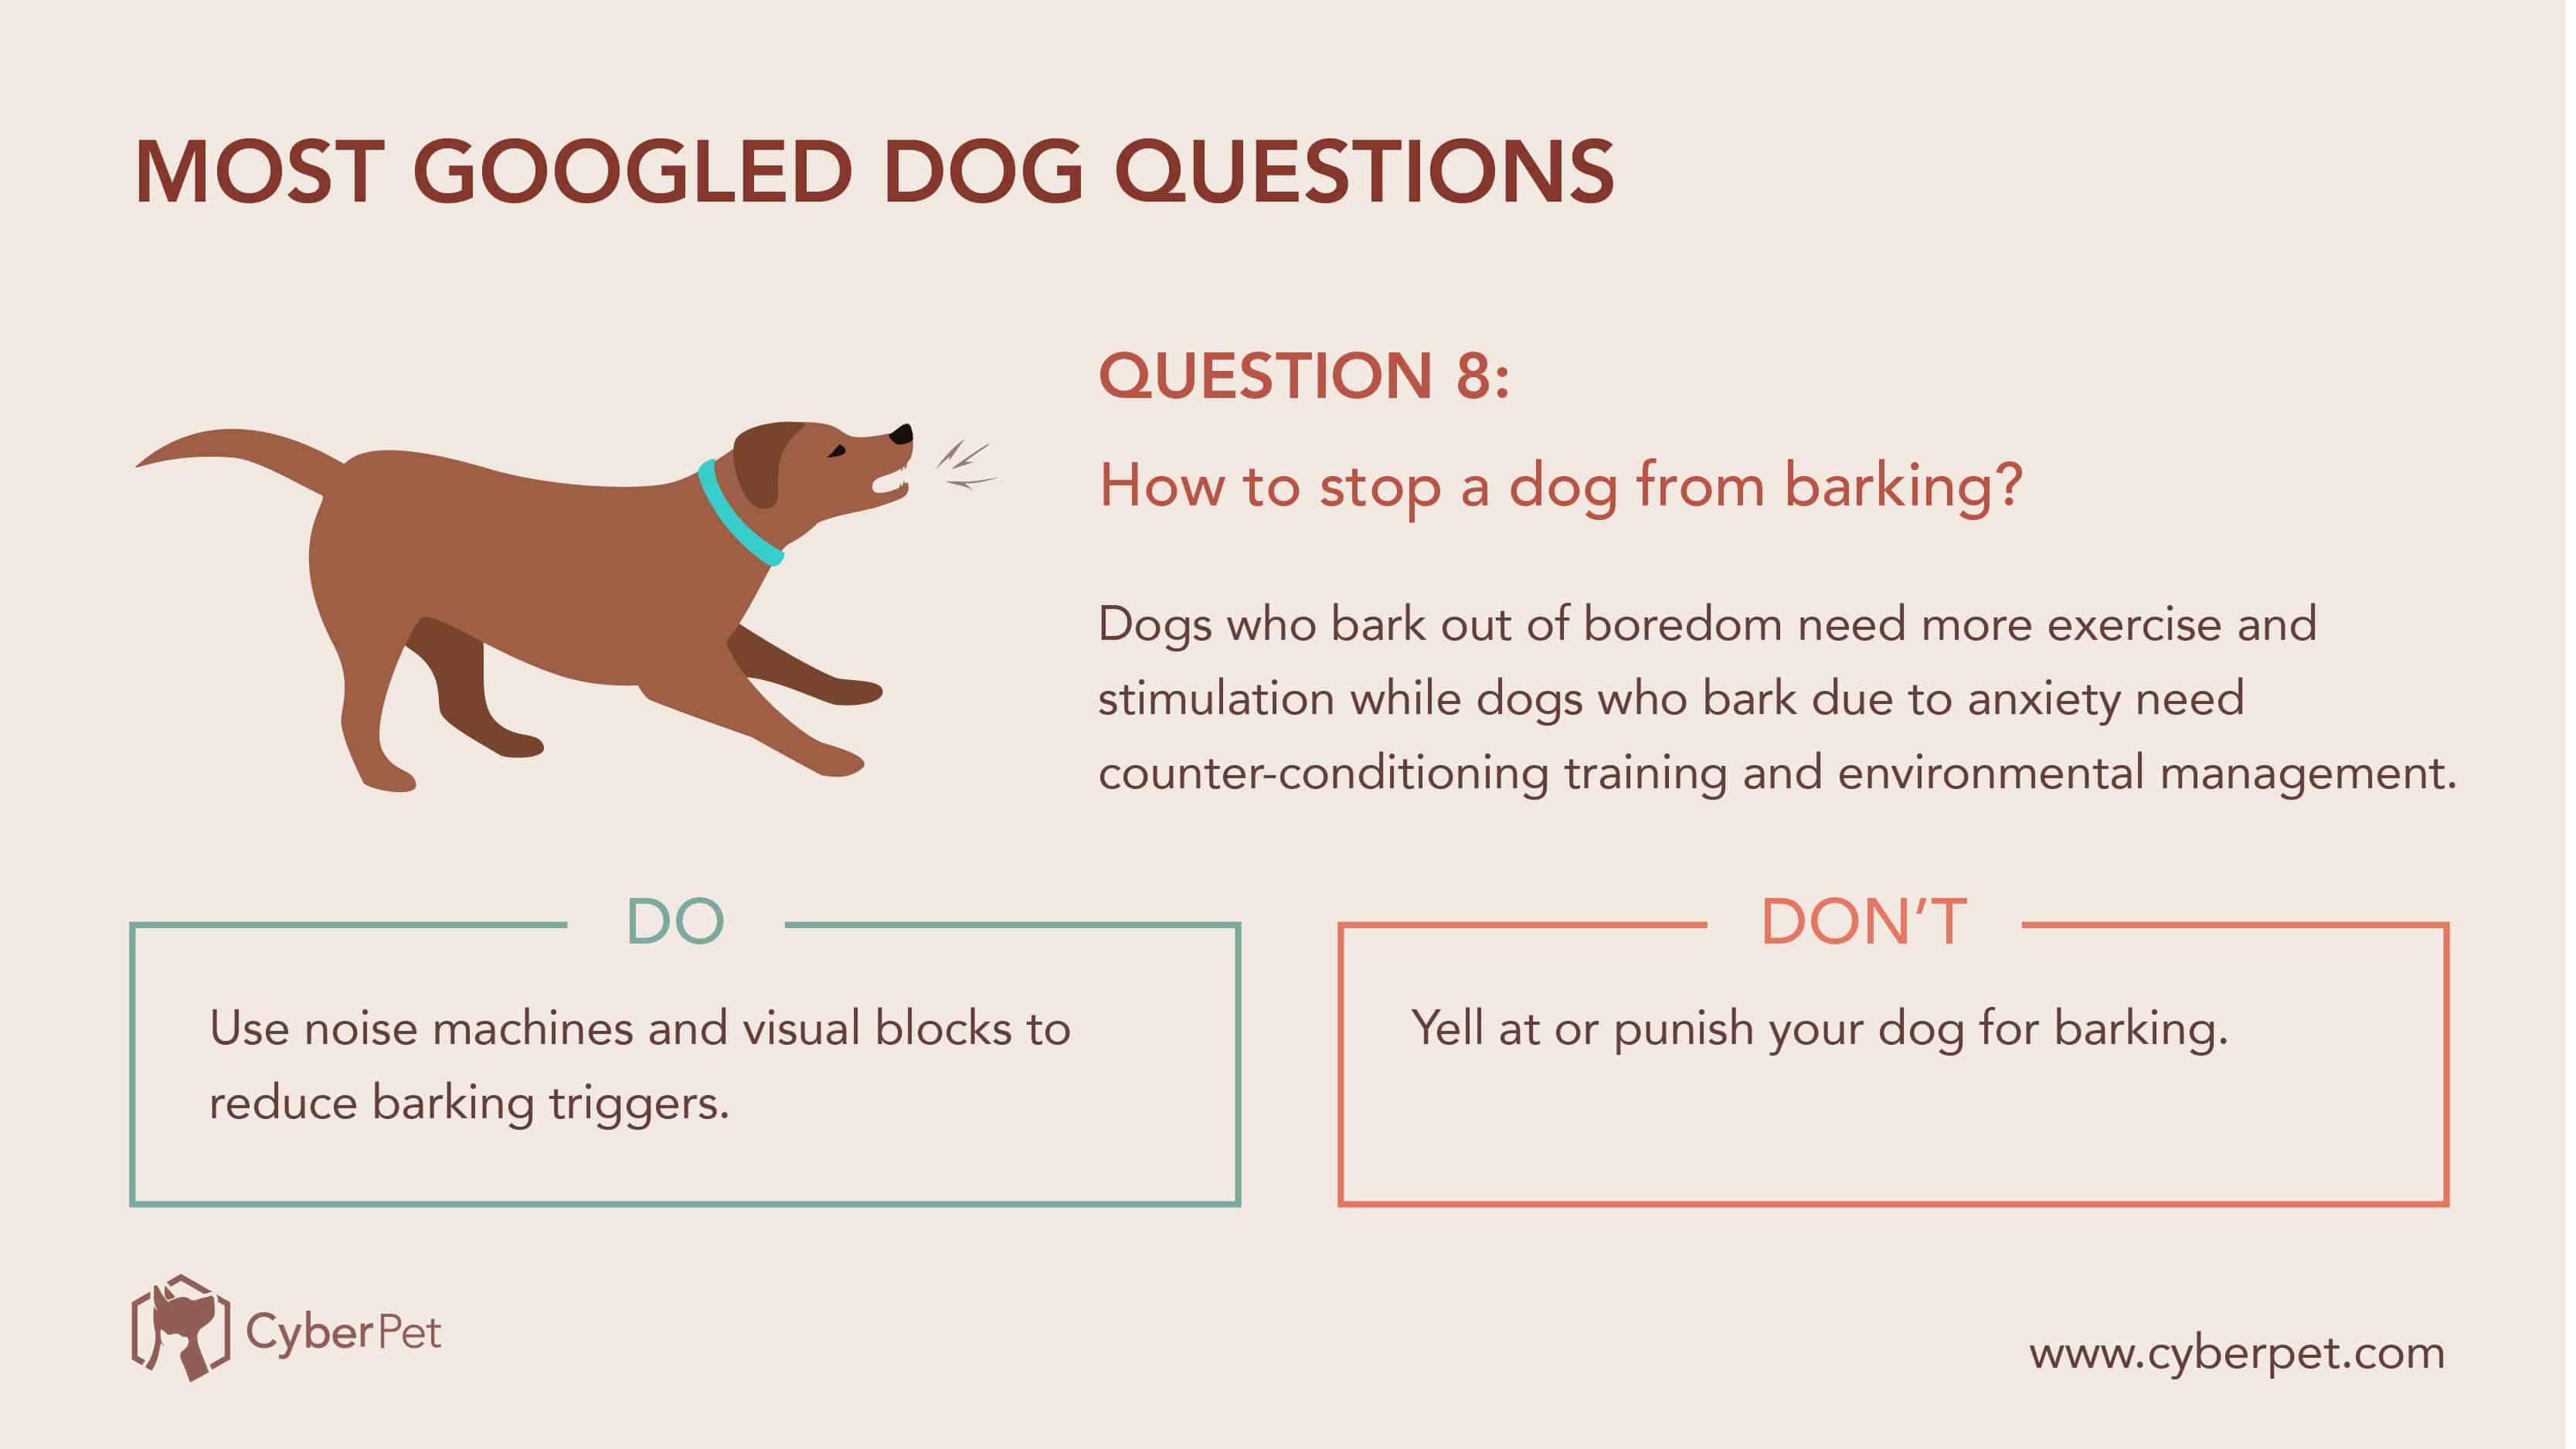 10 Most-Googled Dog Questions - Q8